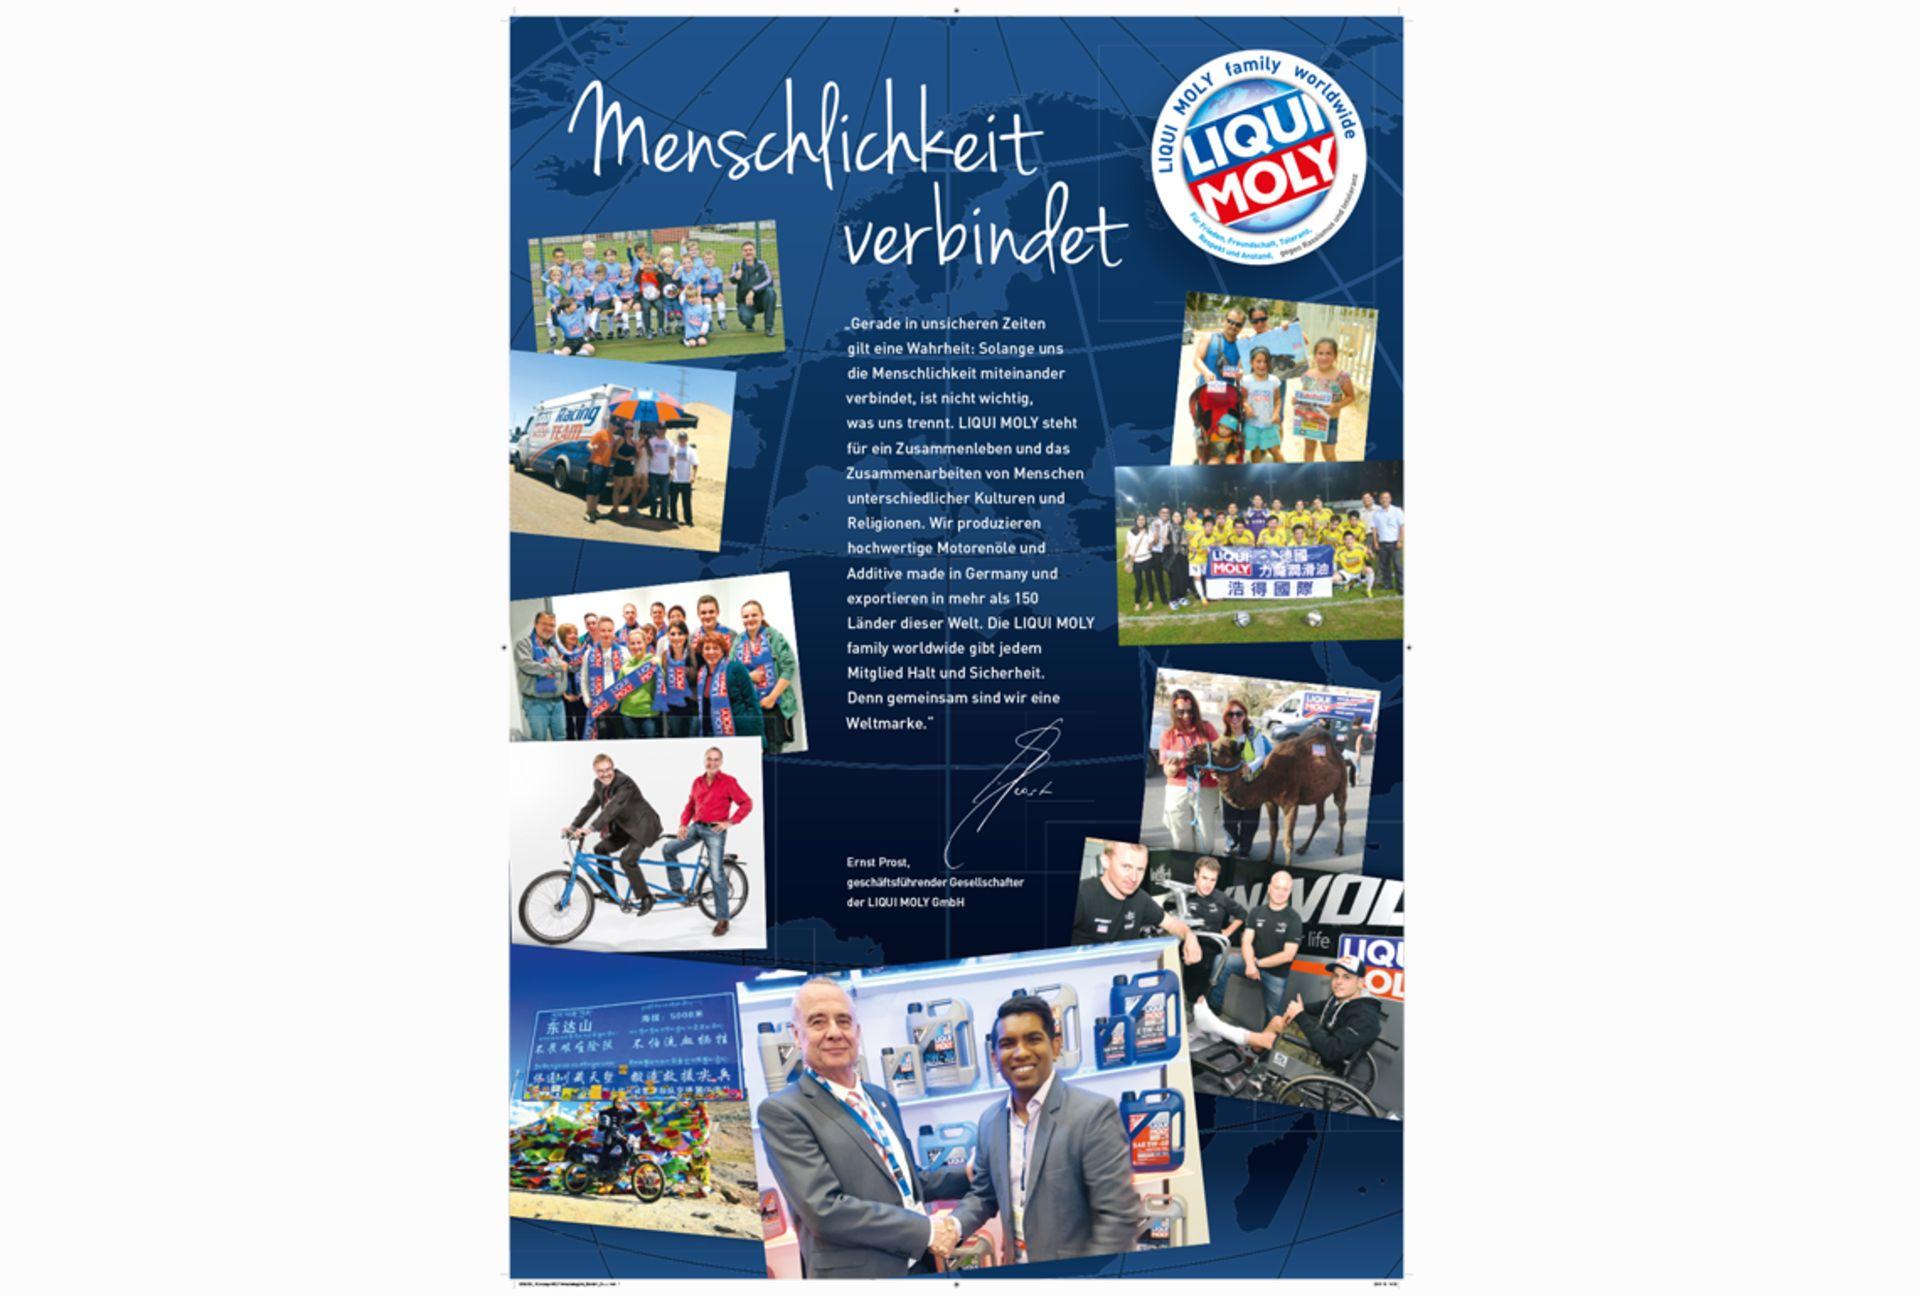 csm_Menschlichkeit_1140_052aa70ed5.jpg